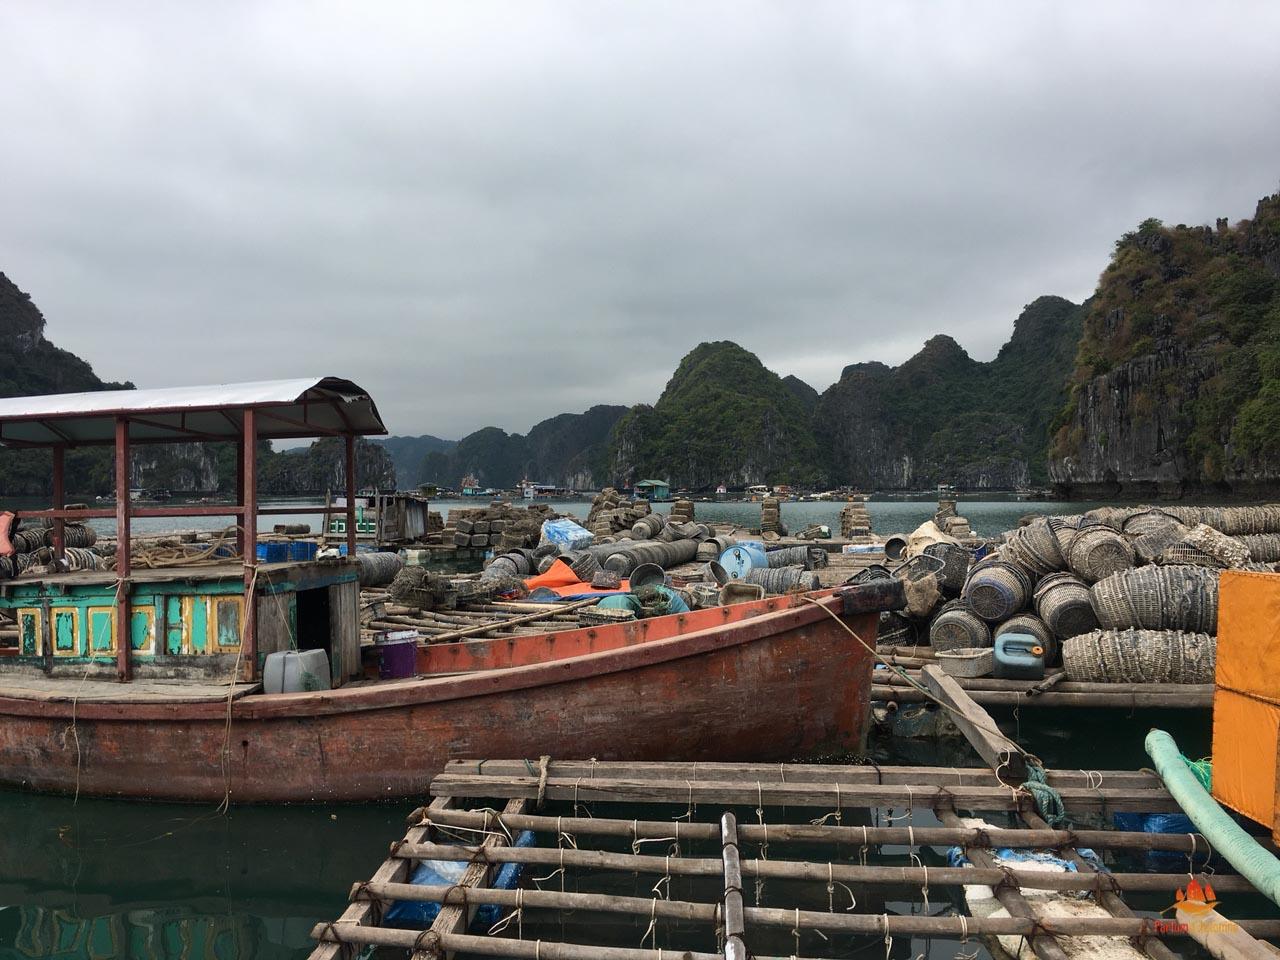 Village de pêcheurs, Baie d'Halong, Vietnam